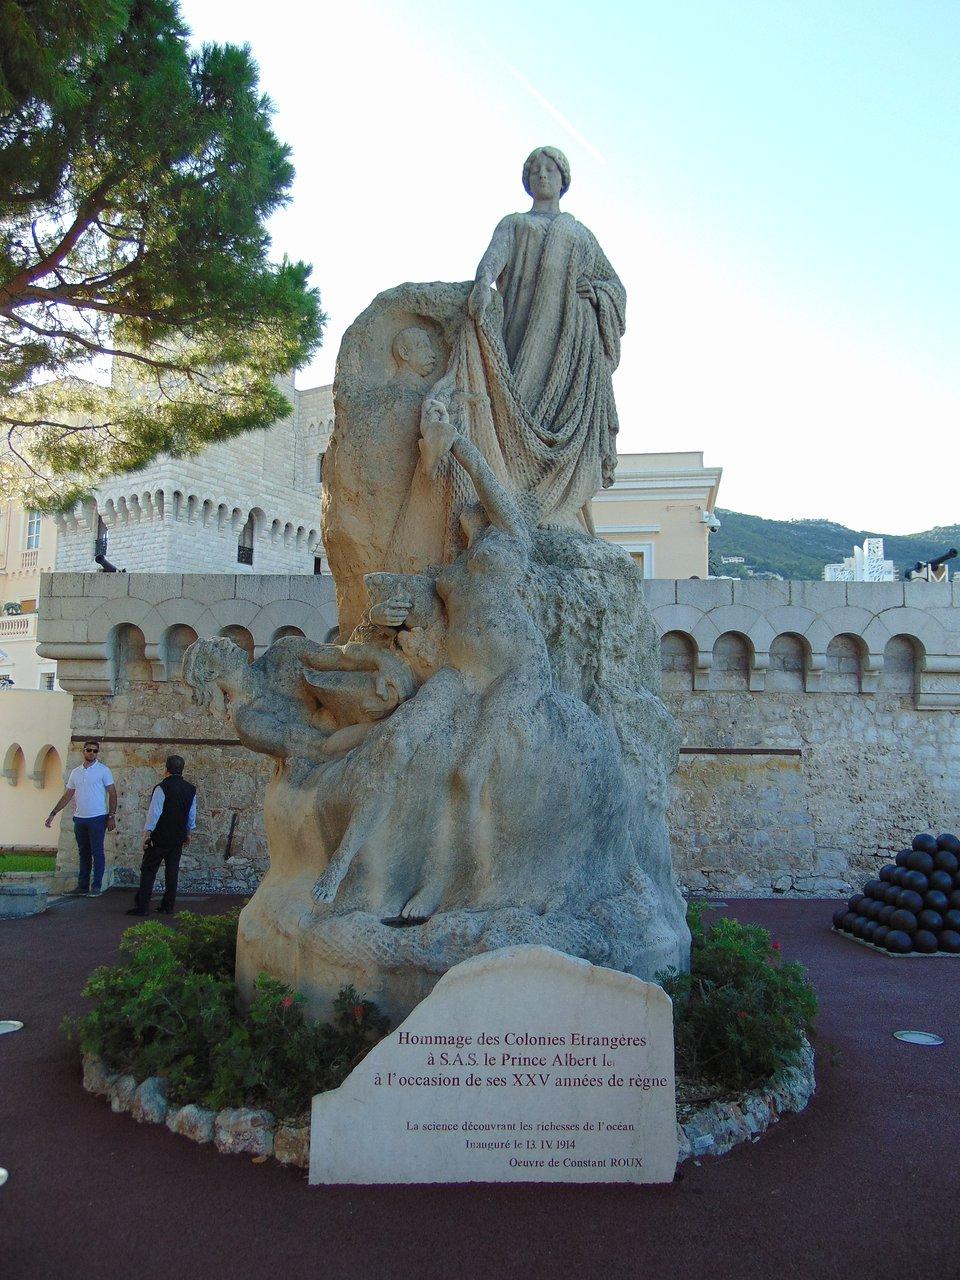 Hommage Des Colonies Etrangeres Statue (Monaco-Ville) - 2020 ... intérieur Statues De Jardin Occasion